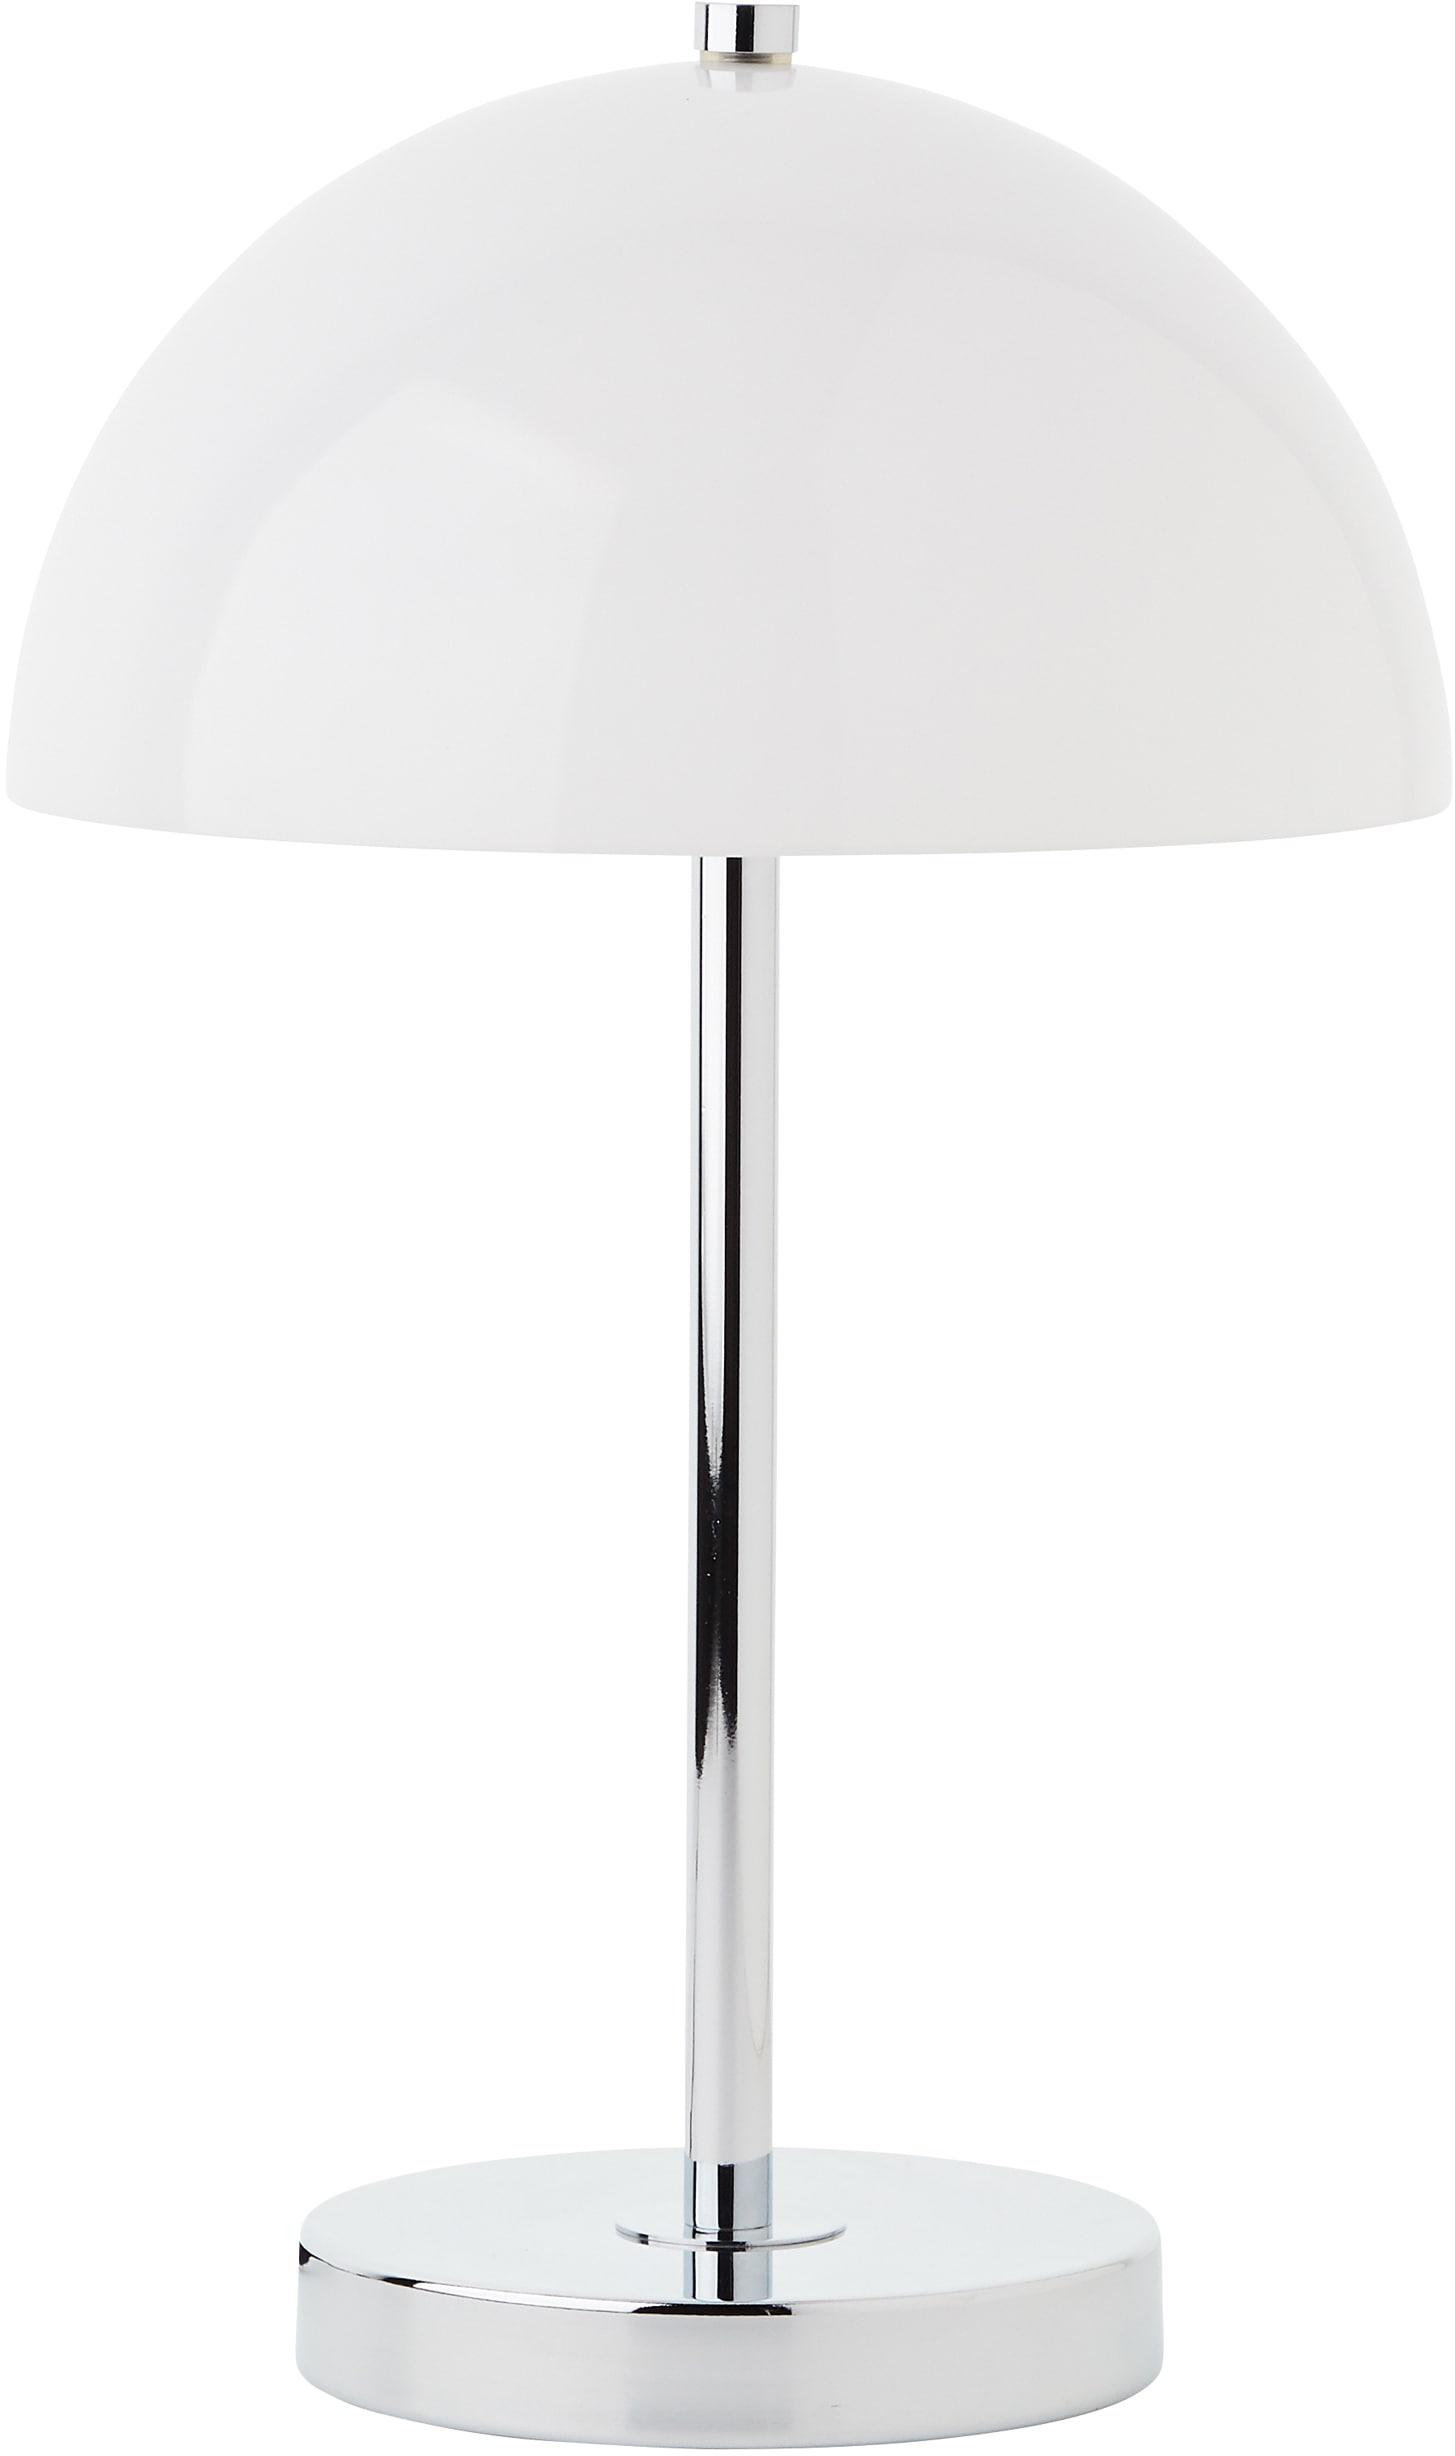 elbgestoeber Tischleuchte elbhelm, E27, chromfarben, mit weißem Glasschirm, H: 38cm